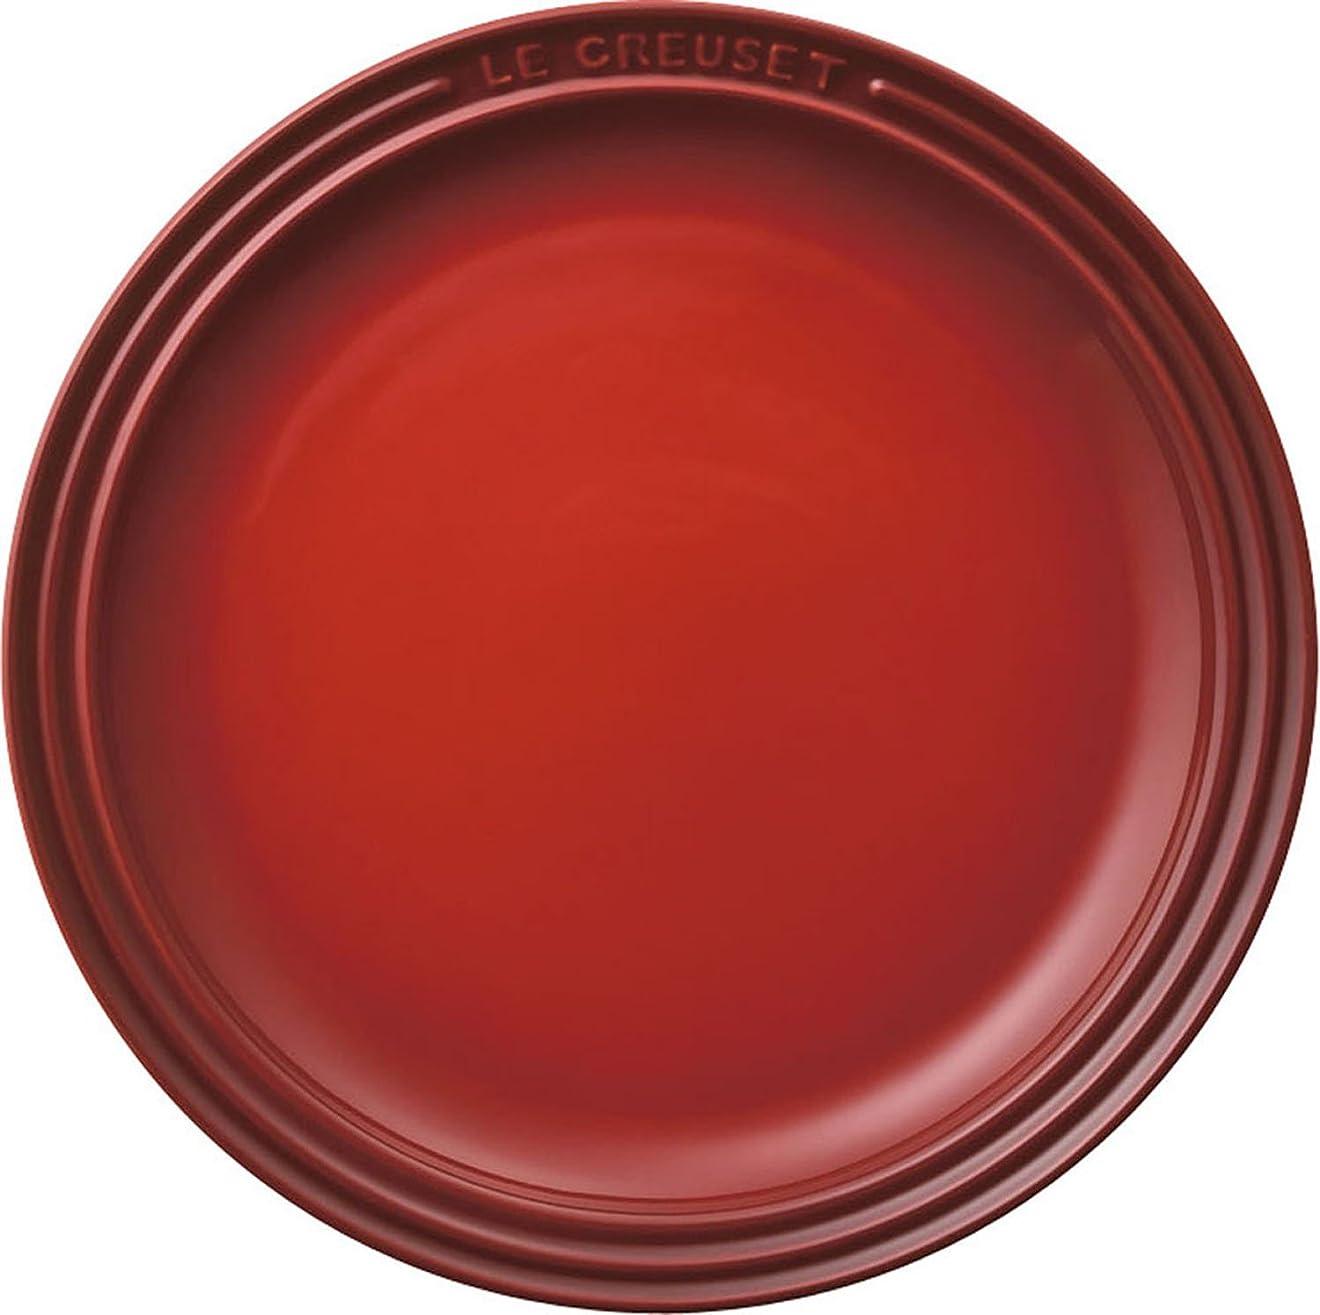 歯痛経営者日食ルクルーゼ ラウンド プレート LC 皿 23cm チェリーレッド 910140-23-06